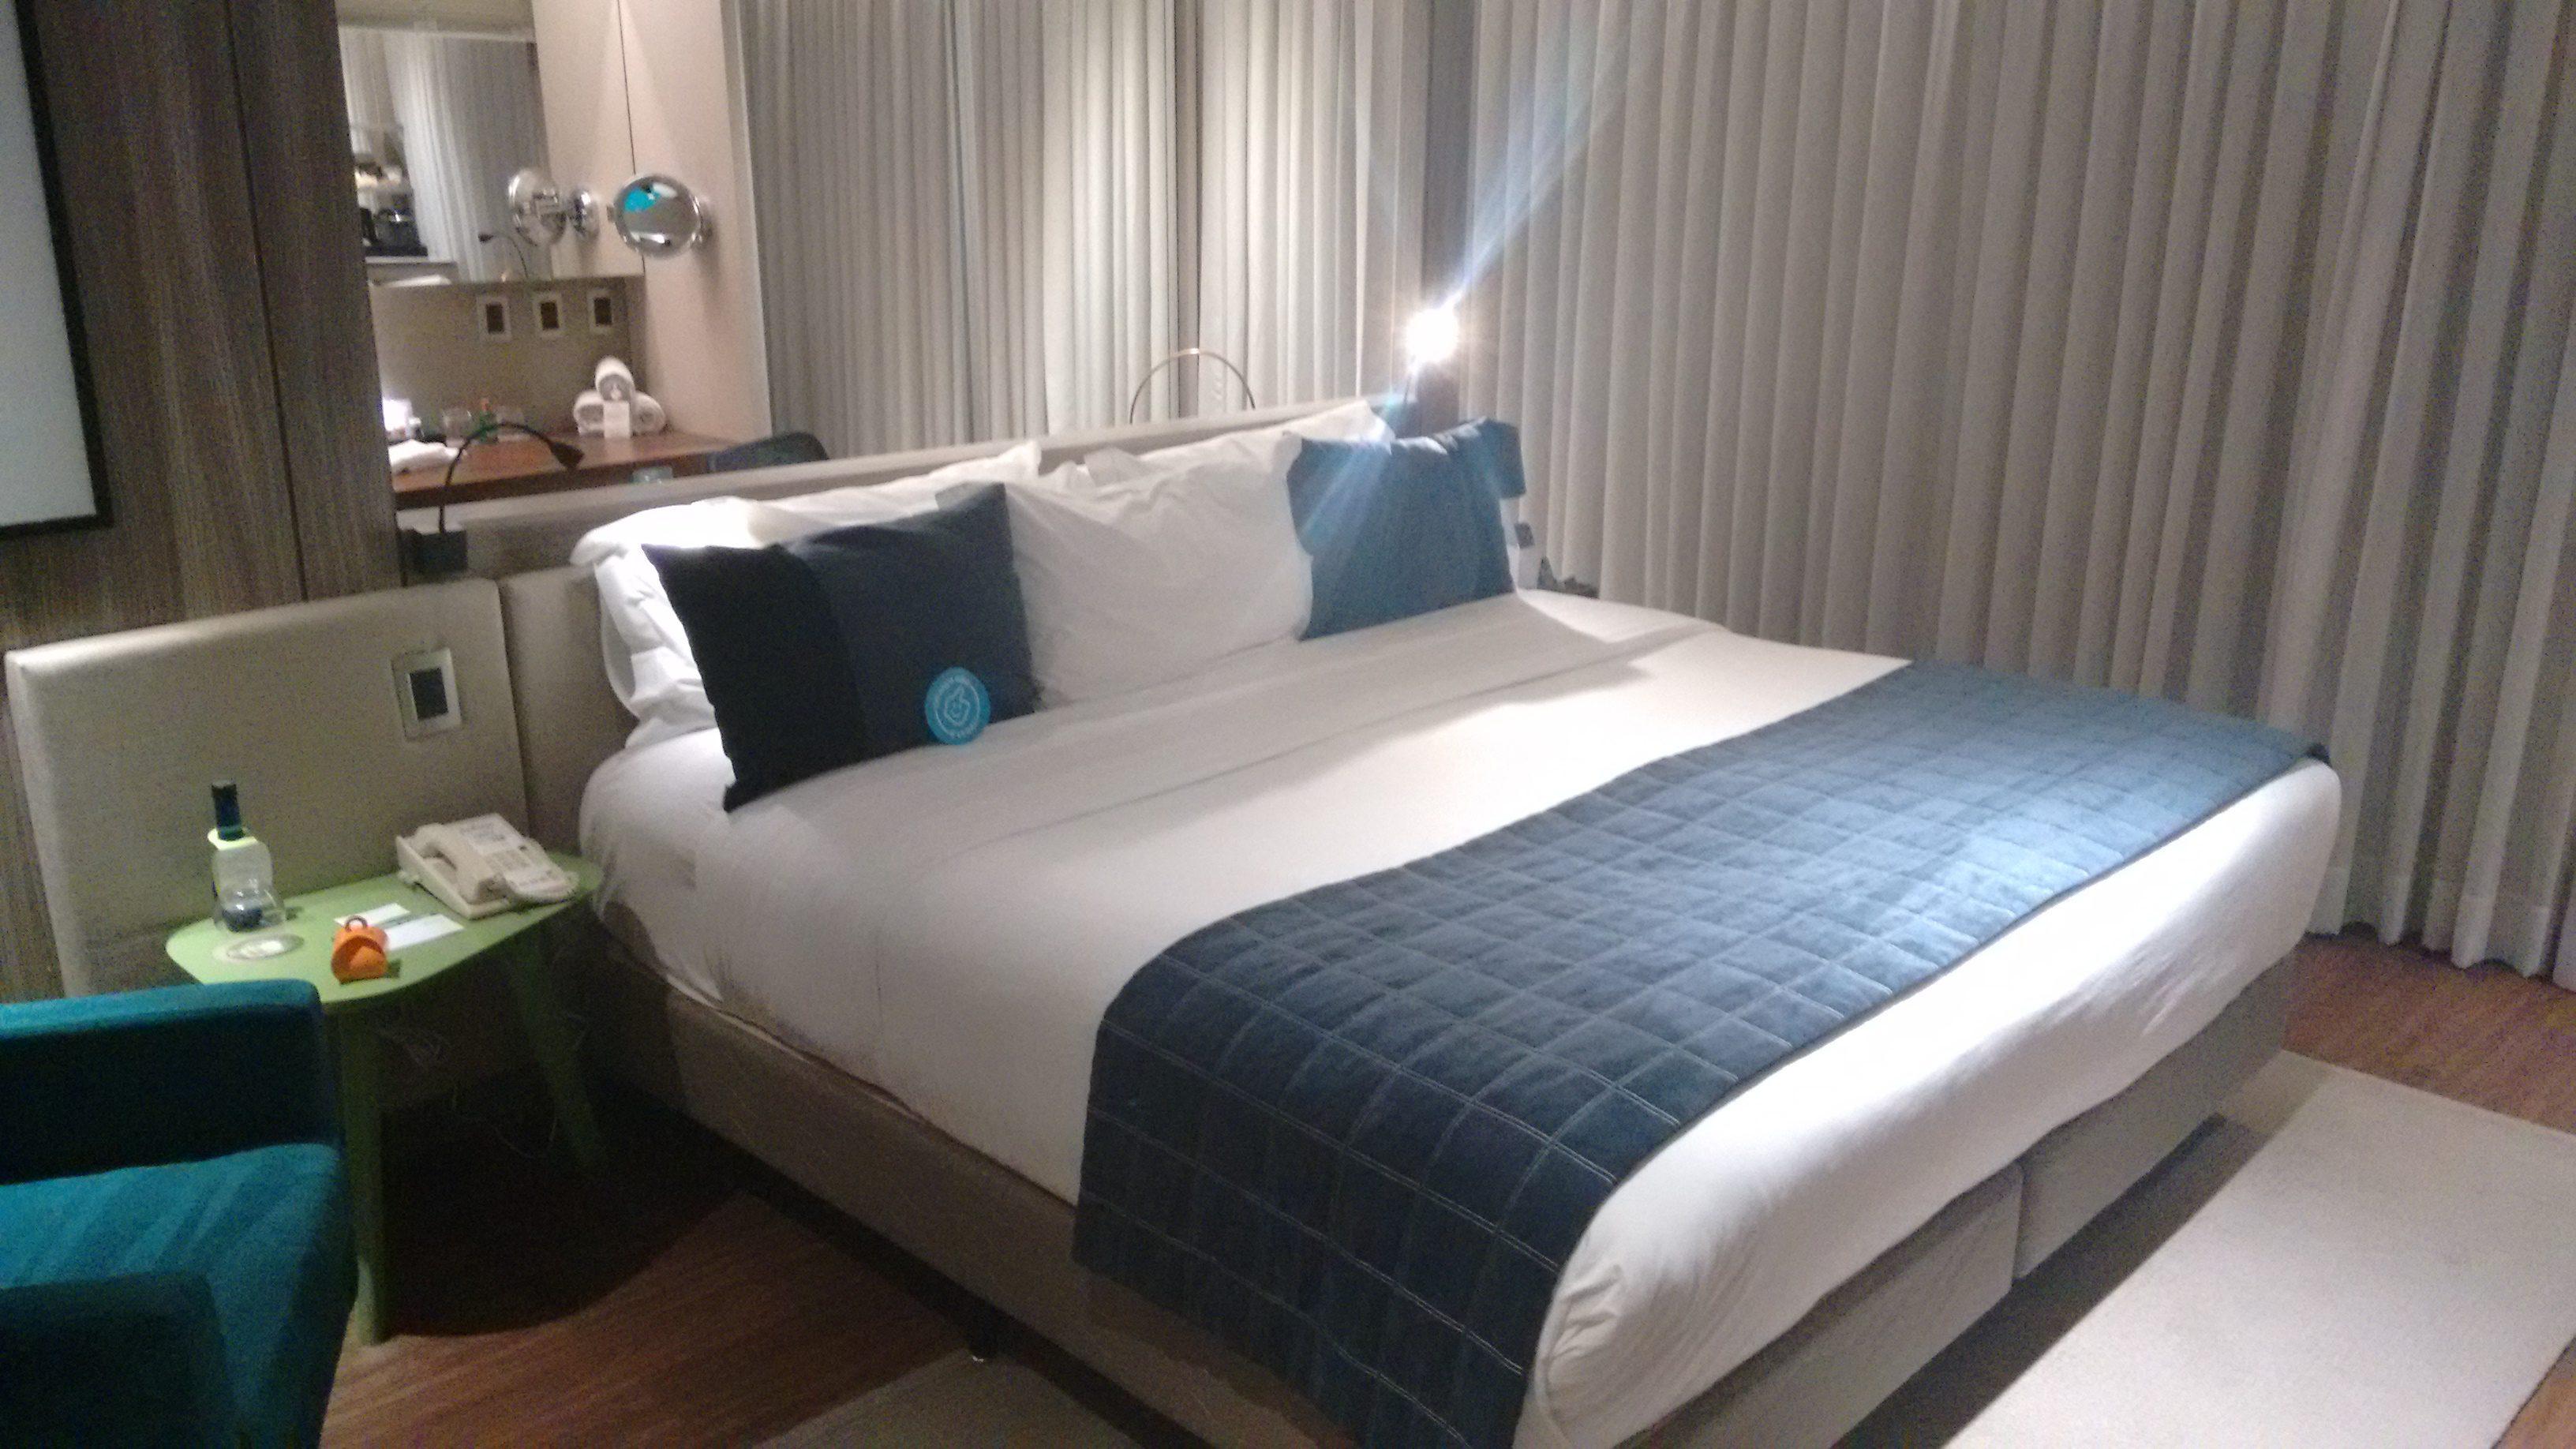 Apartamento Business Class com destaque para a Cama dos Sonhos.